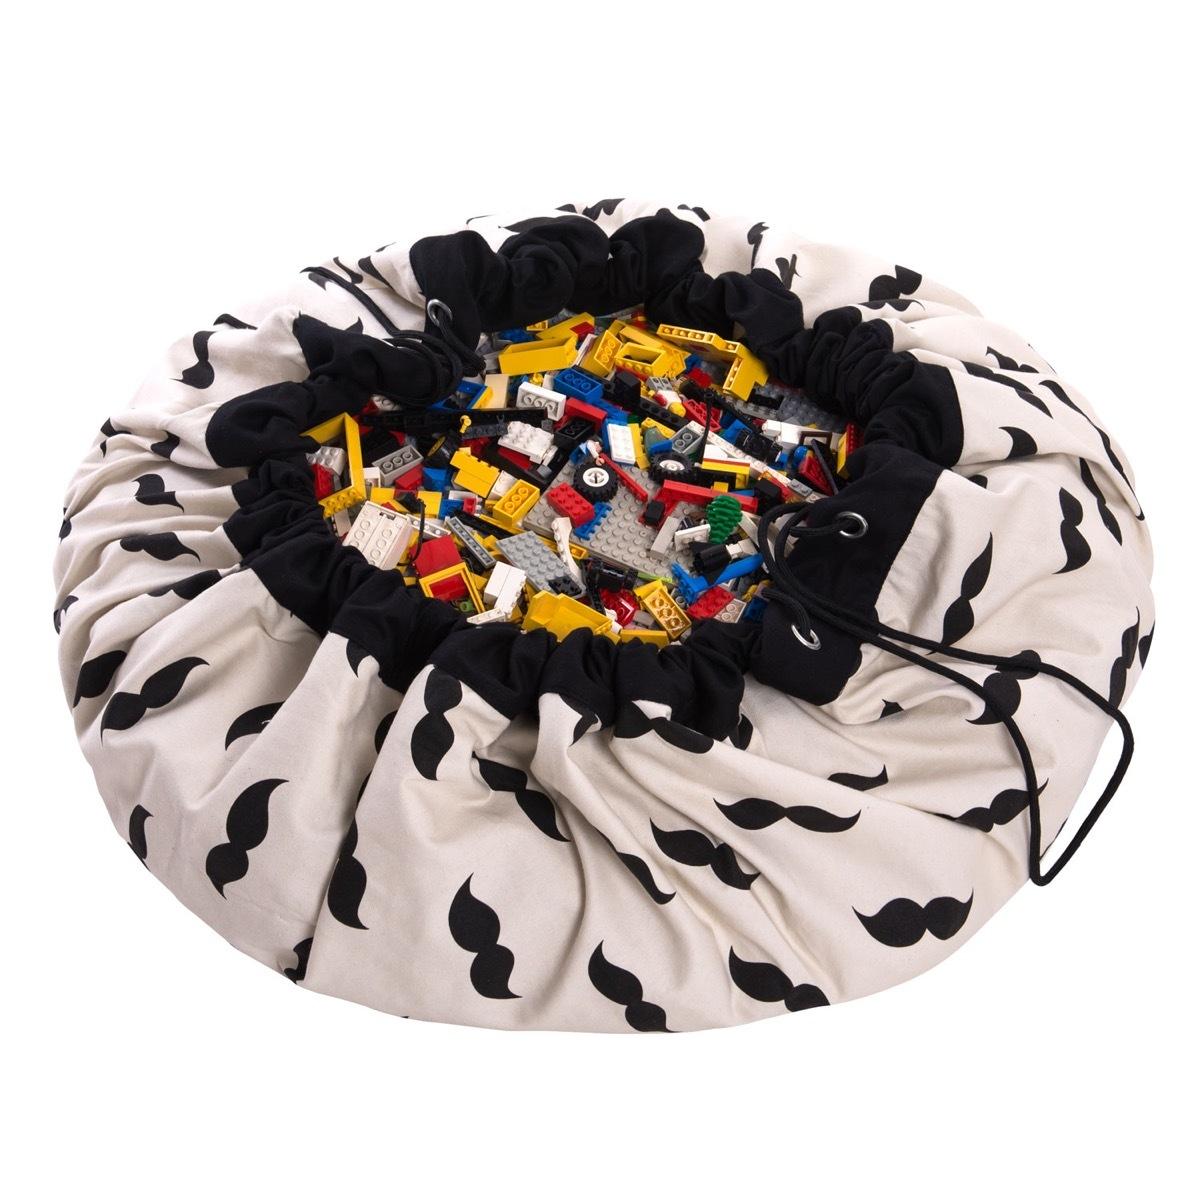 Коврик-мешок для игрушек Play&Go. Коллекция Print. Мистер Мусташ